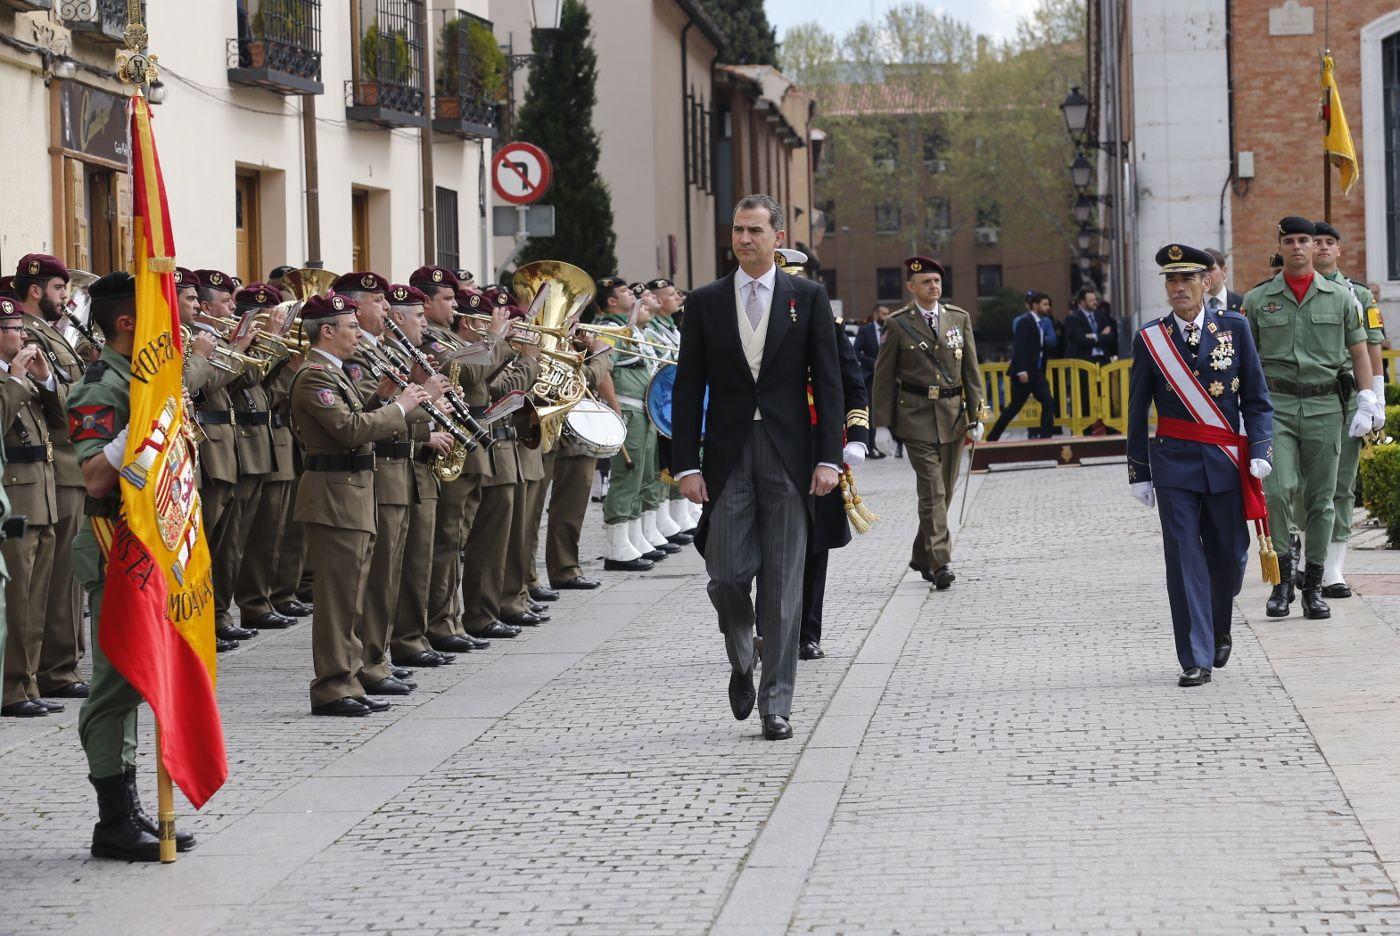 Su Majestad el Rey Felipe pasa revista a la fuerza a su llegada a la Universidad de Alcalá de Henares Universidad de Alcalá. Alcalá de Henares (Madrid), 23.04.2016